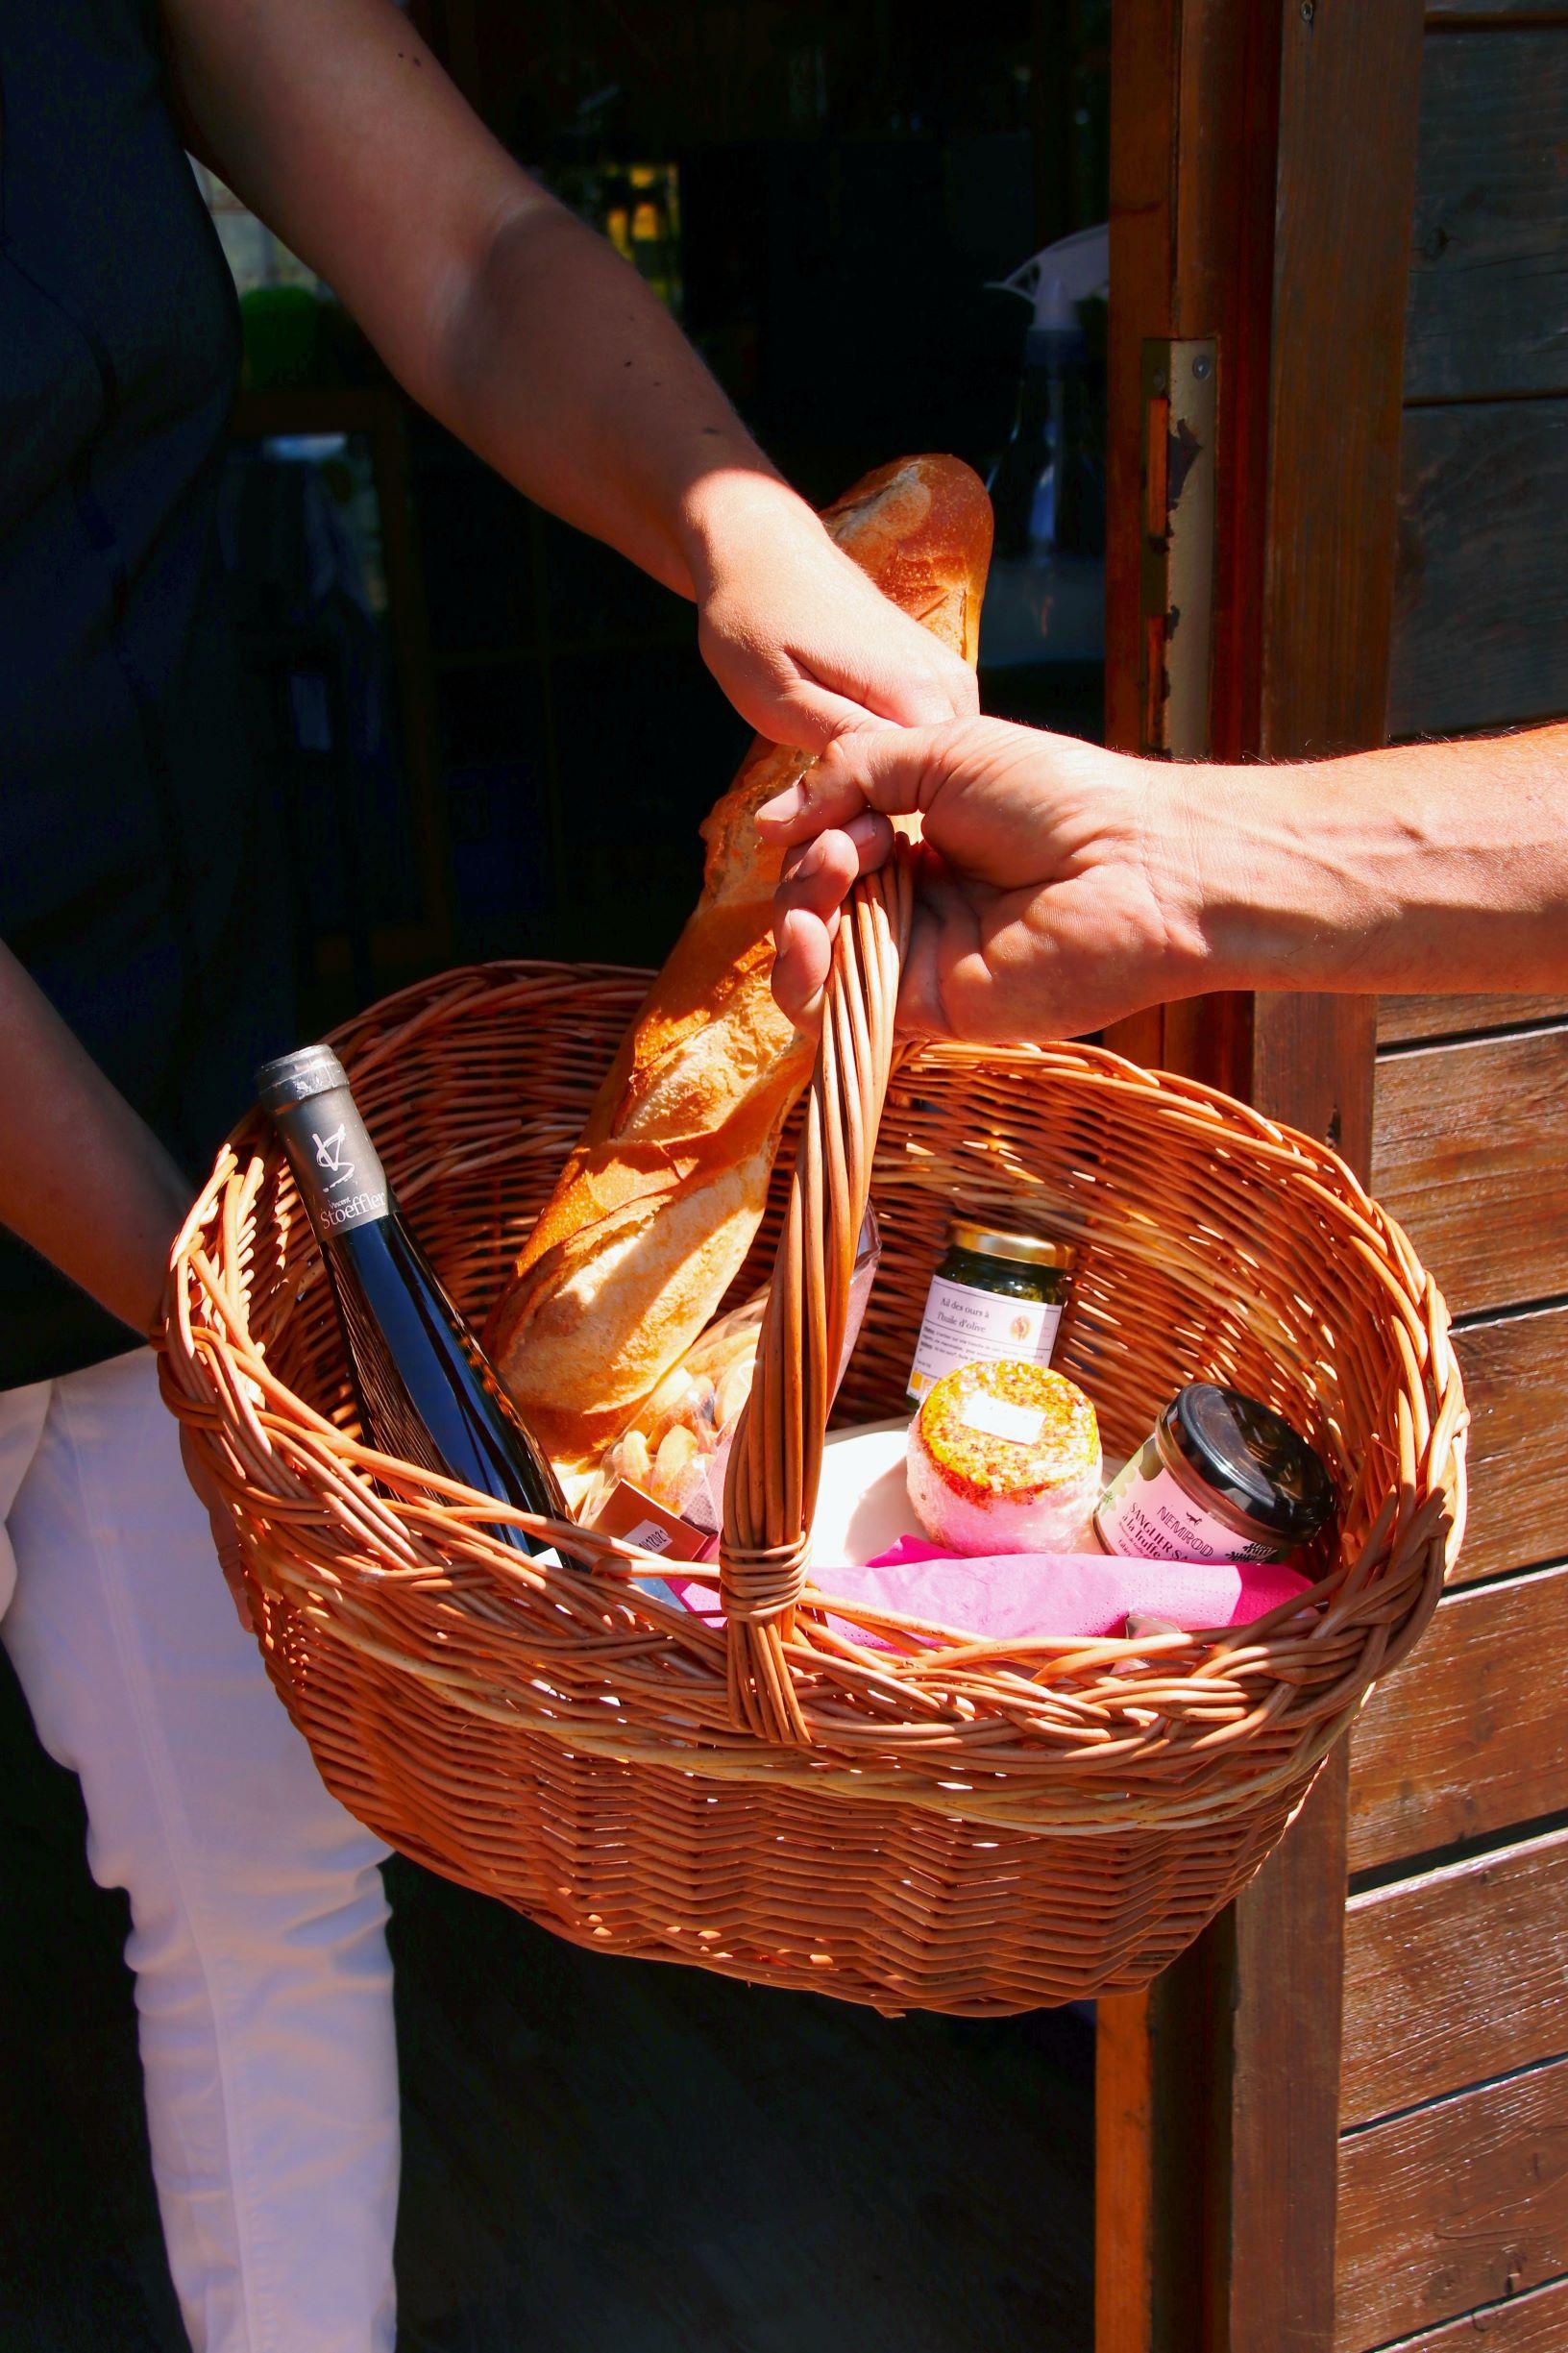 Dans une optique locavore, écologique et biologique, le Parc Nature de Cheval vous propose une petite restauration entièrement revisitée : un panier pique-nique à composer suivant vos envies et que vous pouvez déguster aux différentes tables mises à disposition dans tout le parc.